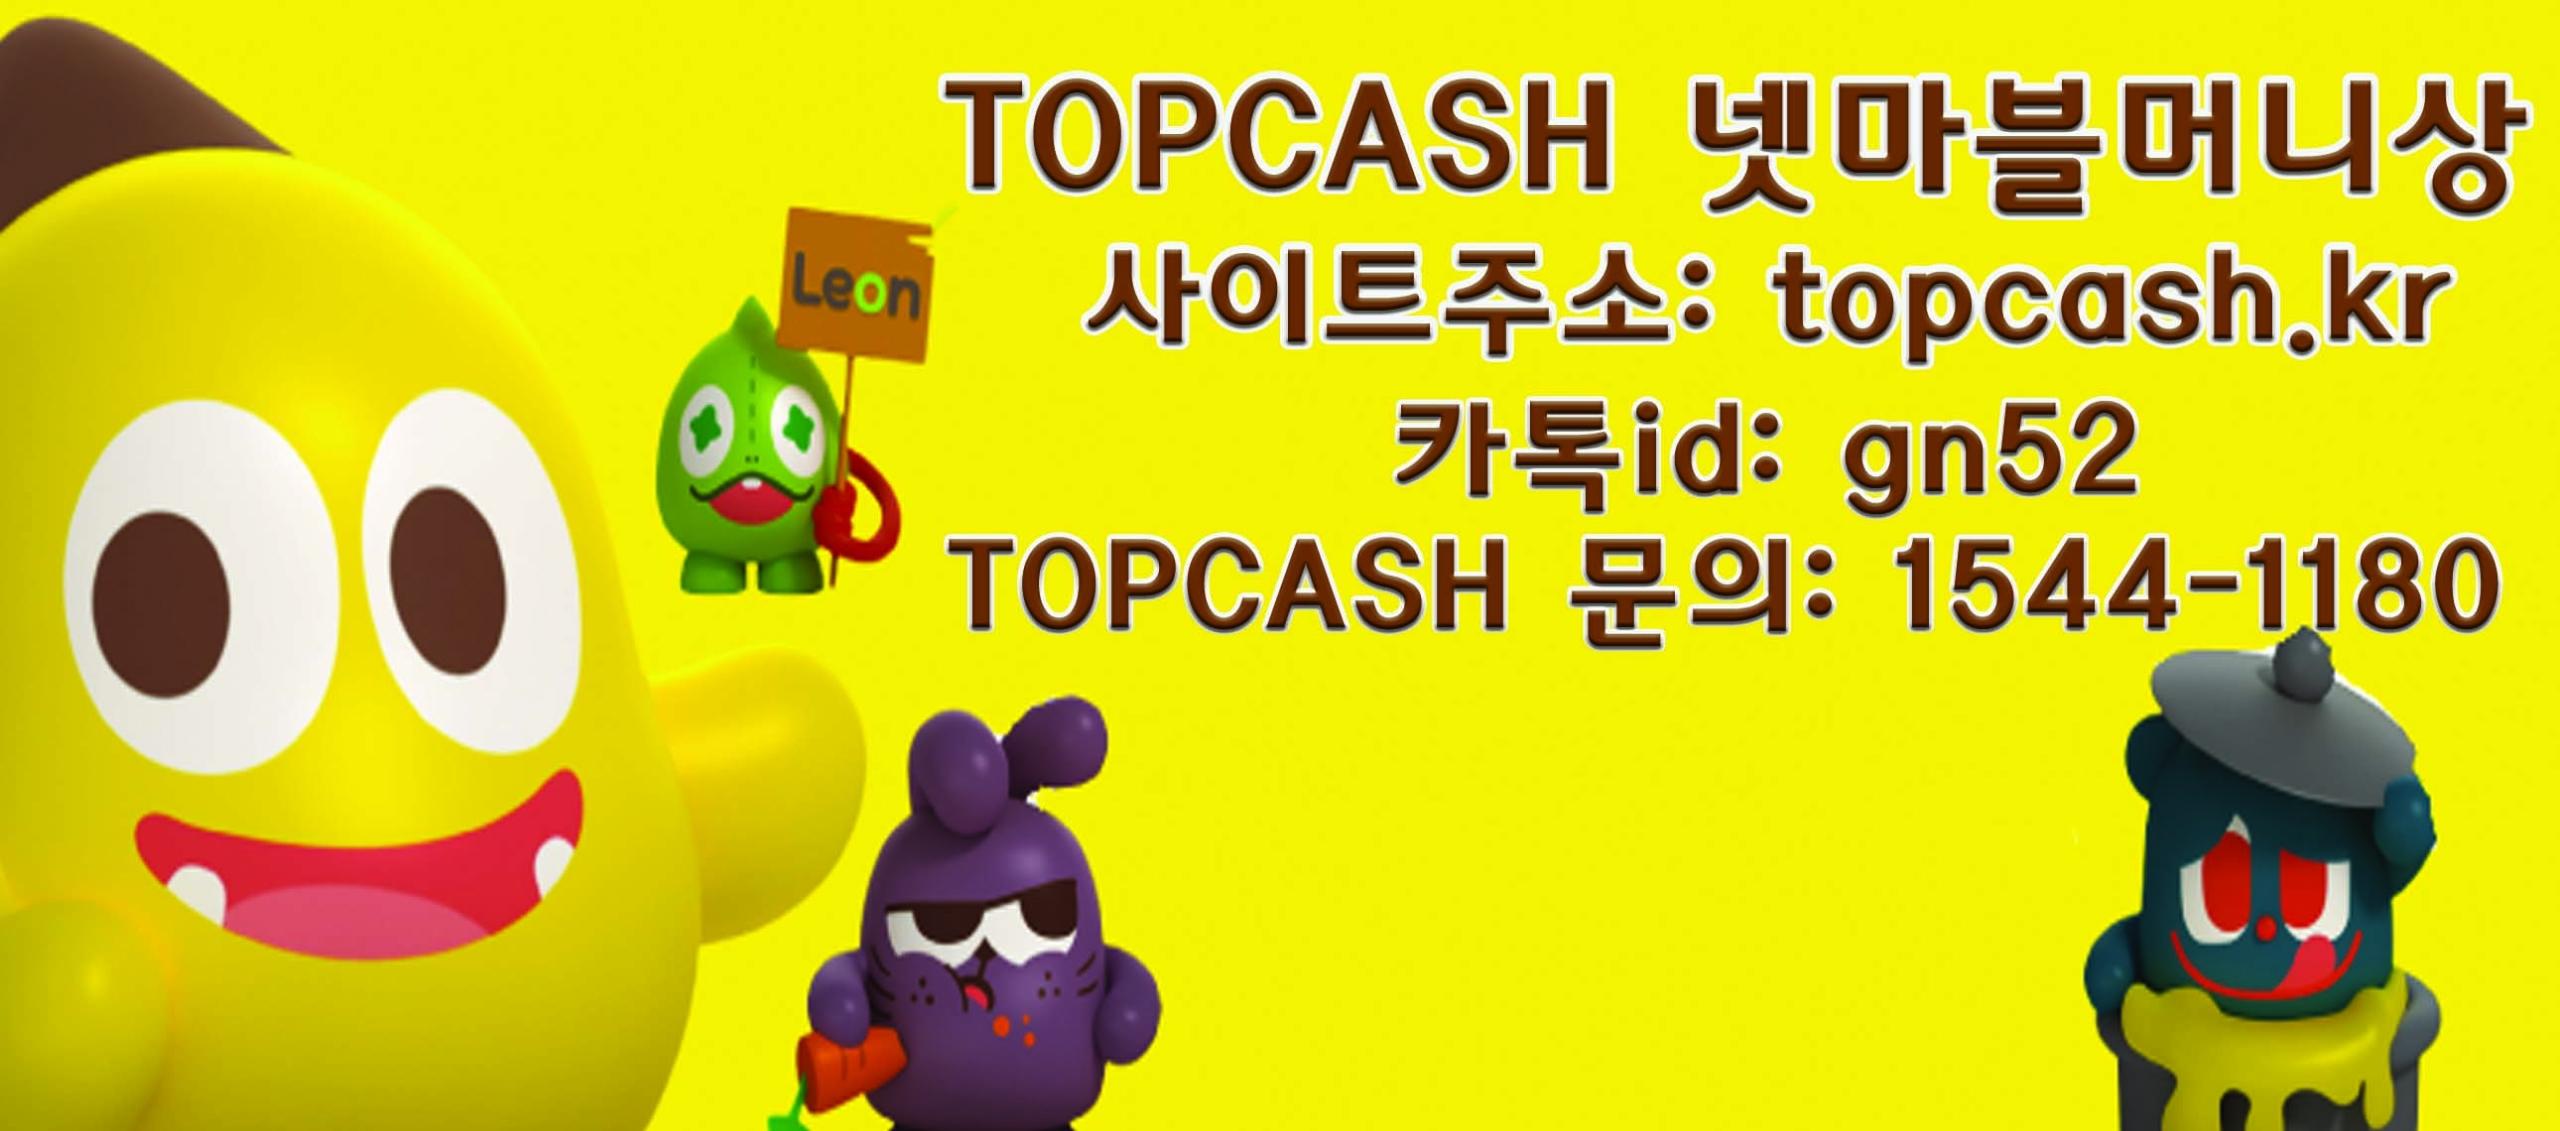 넷마블포커머니골드 TOPCASH닷kr (@sptakqmf13) Cover Image